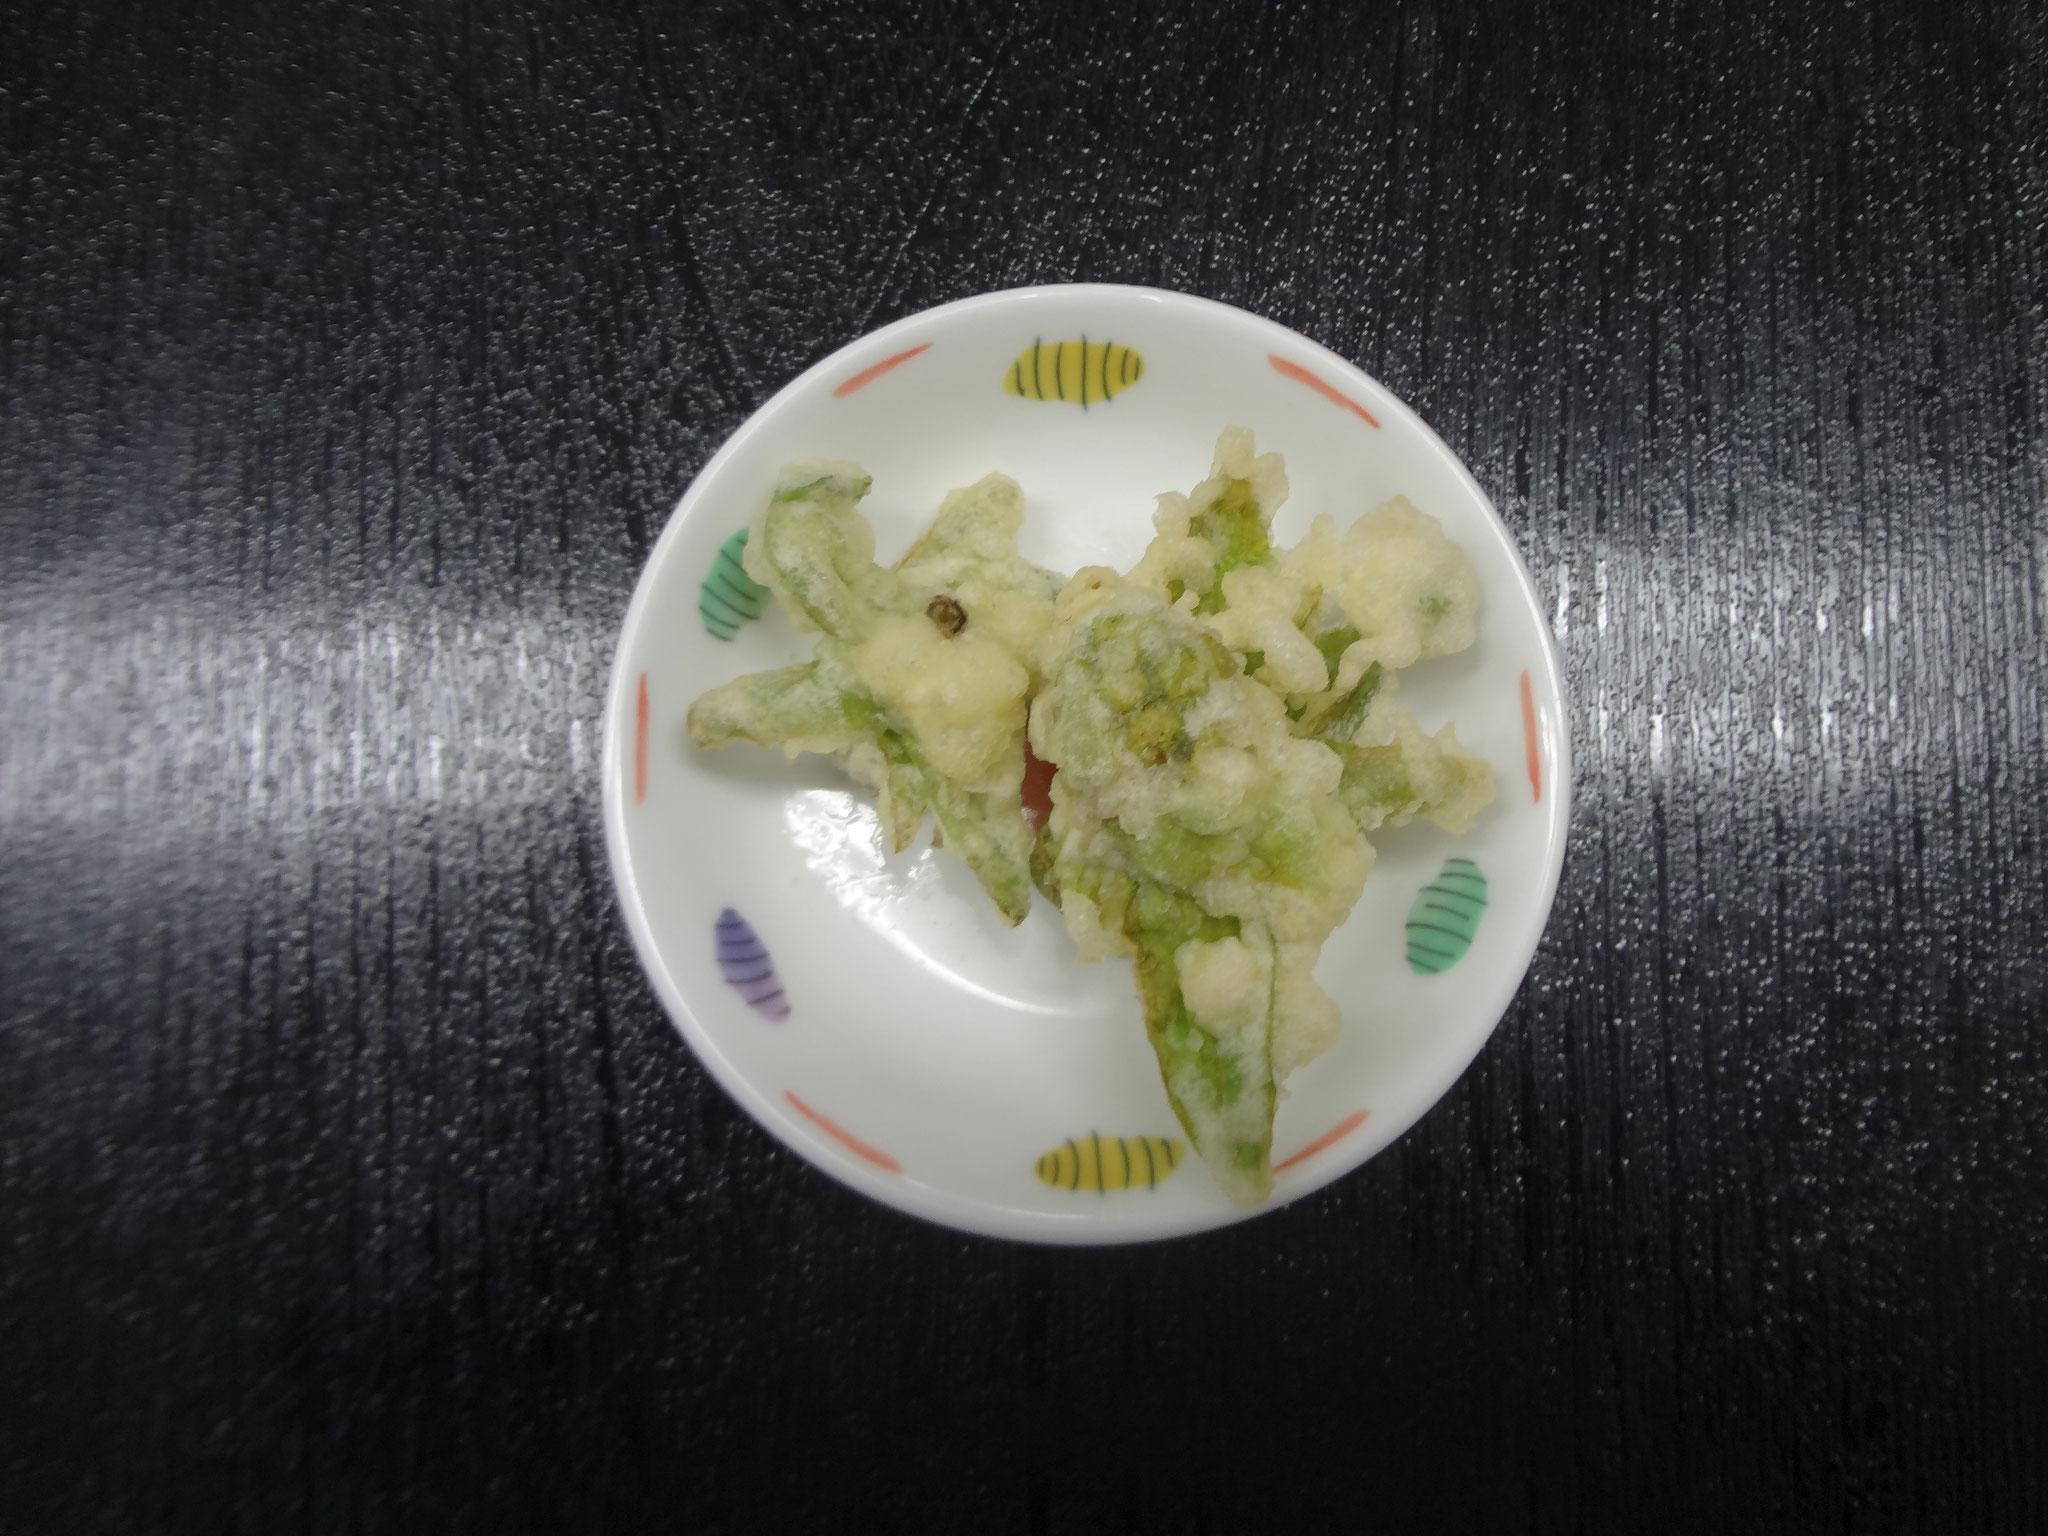 ふきのとうの天ぷら。ボランティアさんからの差し入れとの事。皆さん喜んでいました。